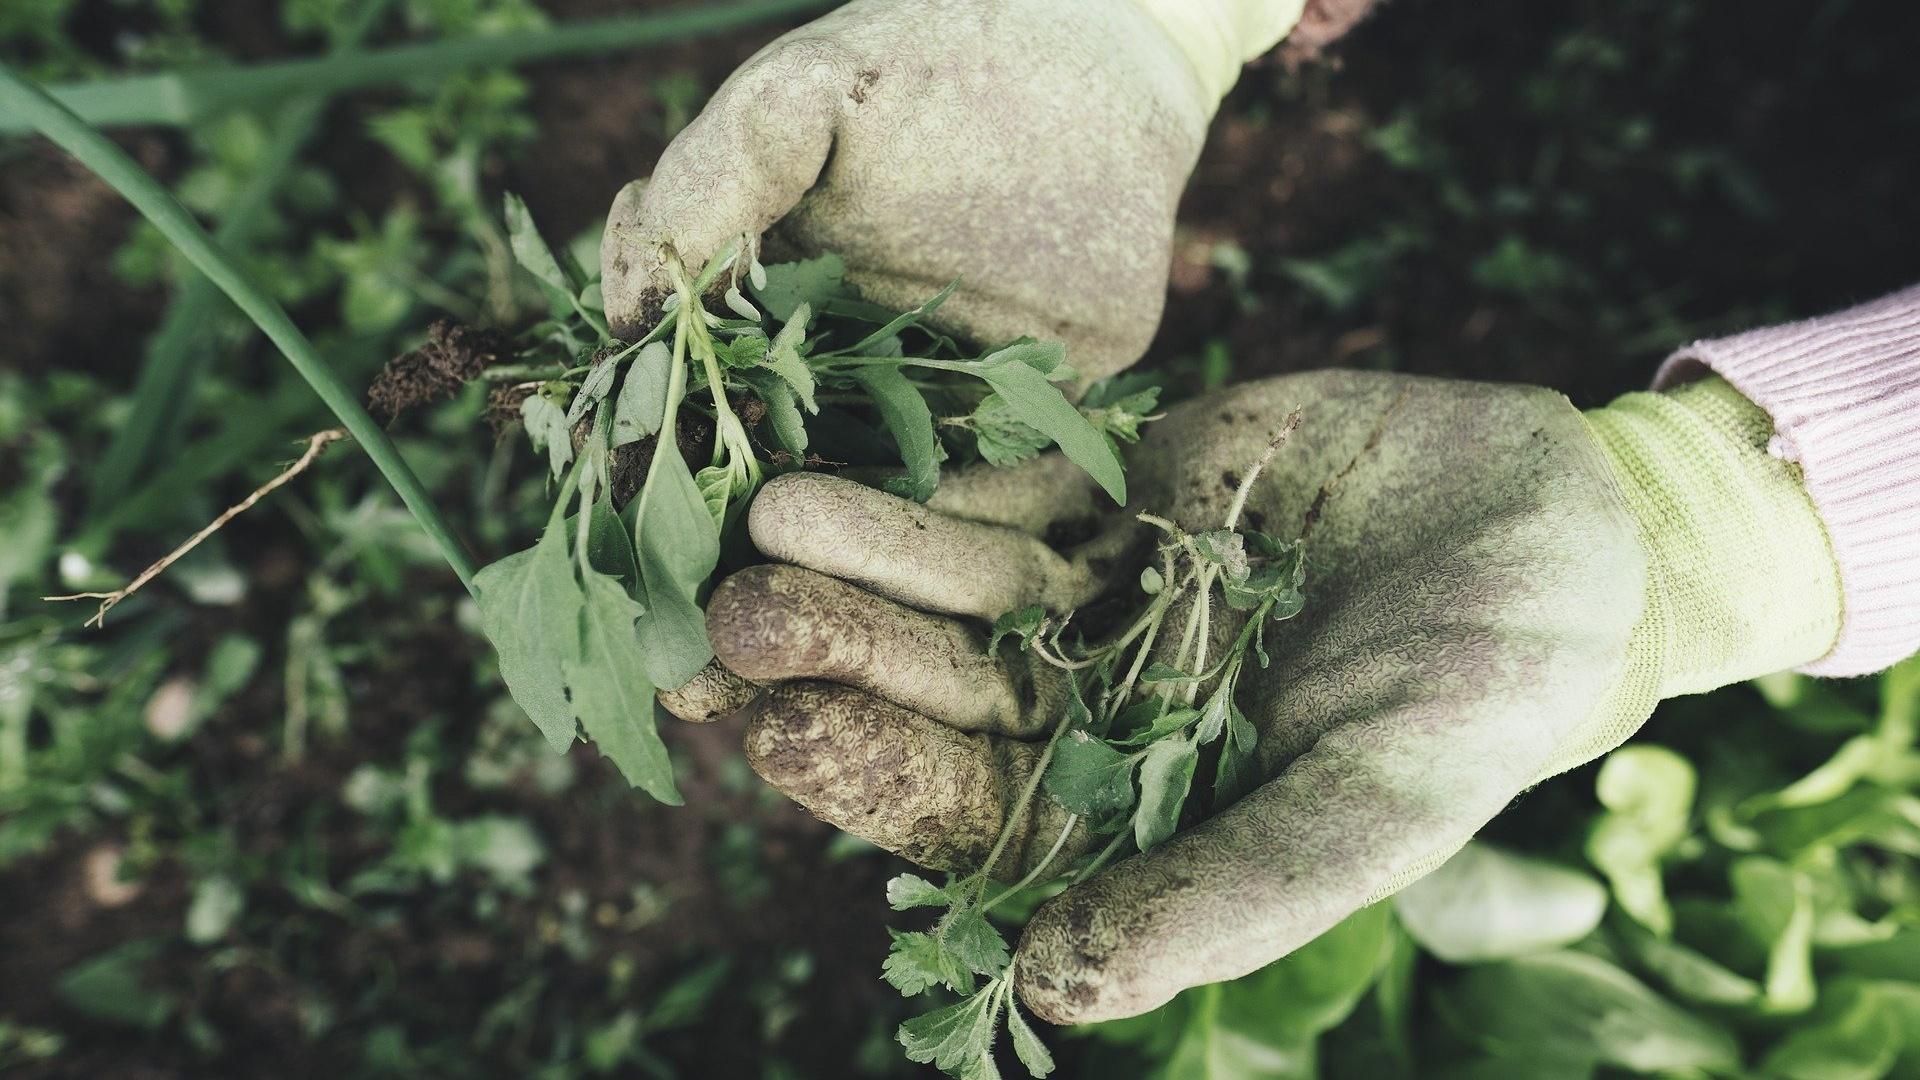 Kalorienverbrauch bei der Gartenarbeit: So viel verbrennen Sie dabei